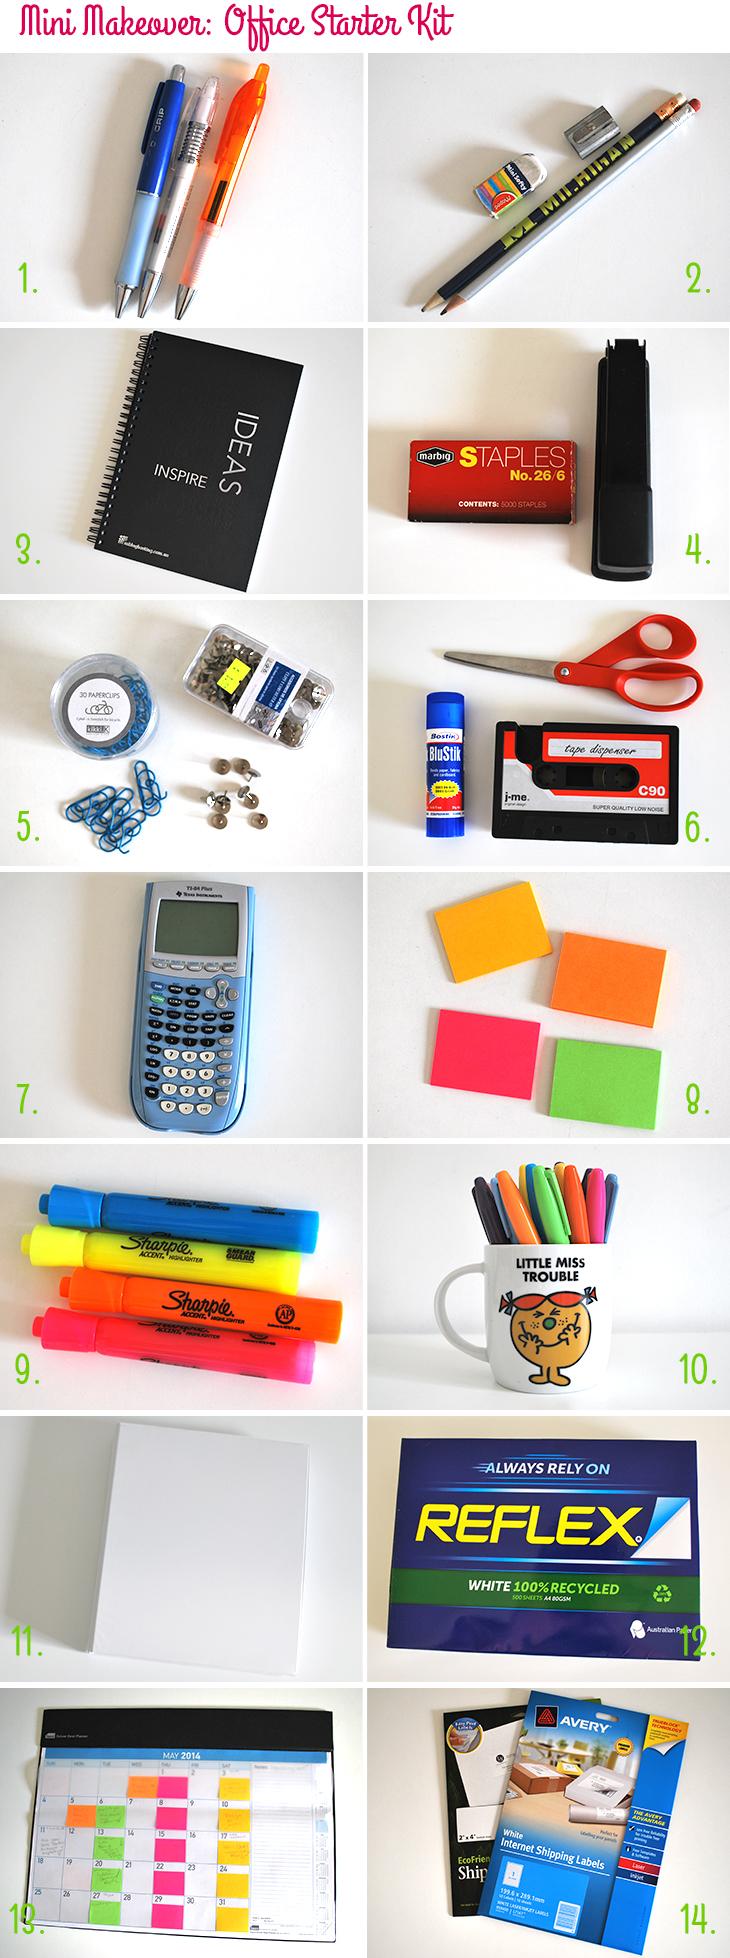 Office Starter : office, starter, Makeover:, Office, Starter, Style, Happy